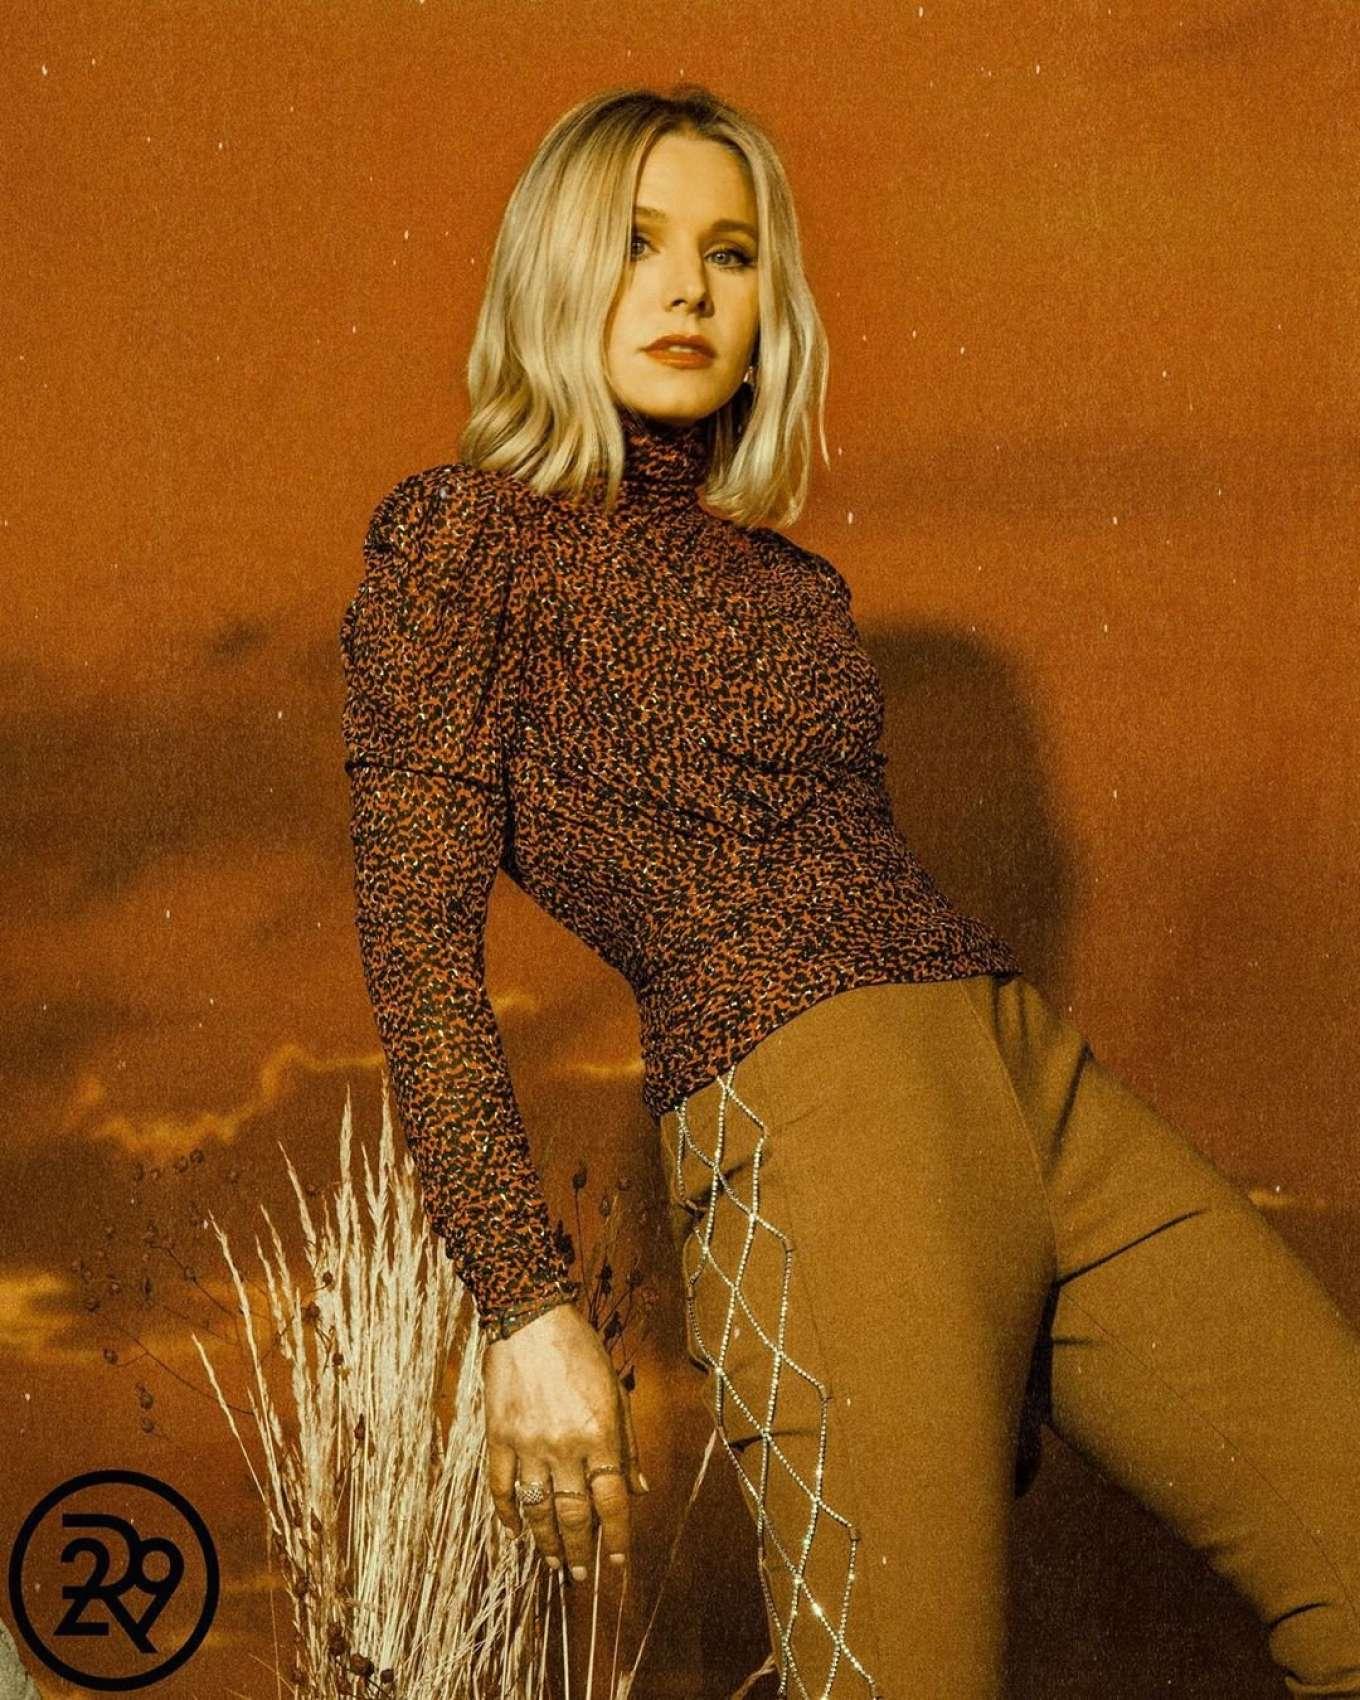 Kristen Bell - Refinery29 Magazine (September 2019)